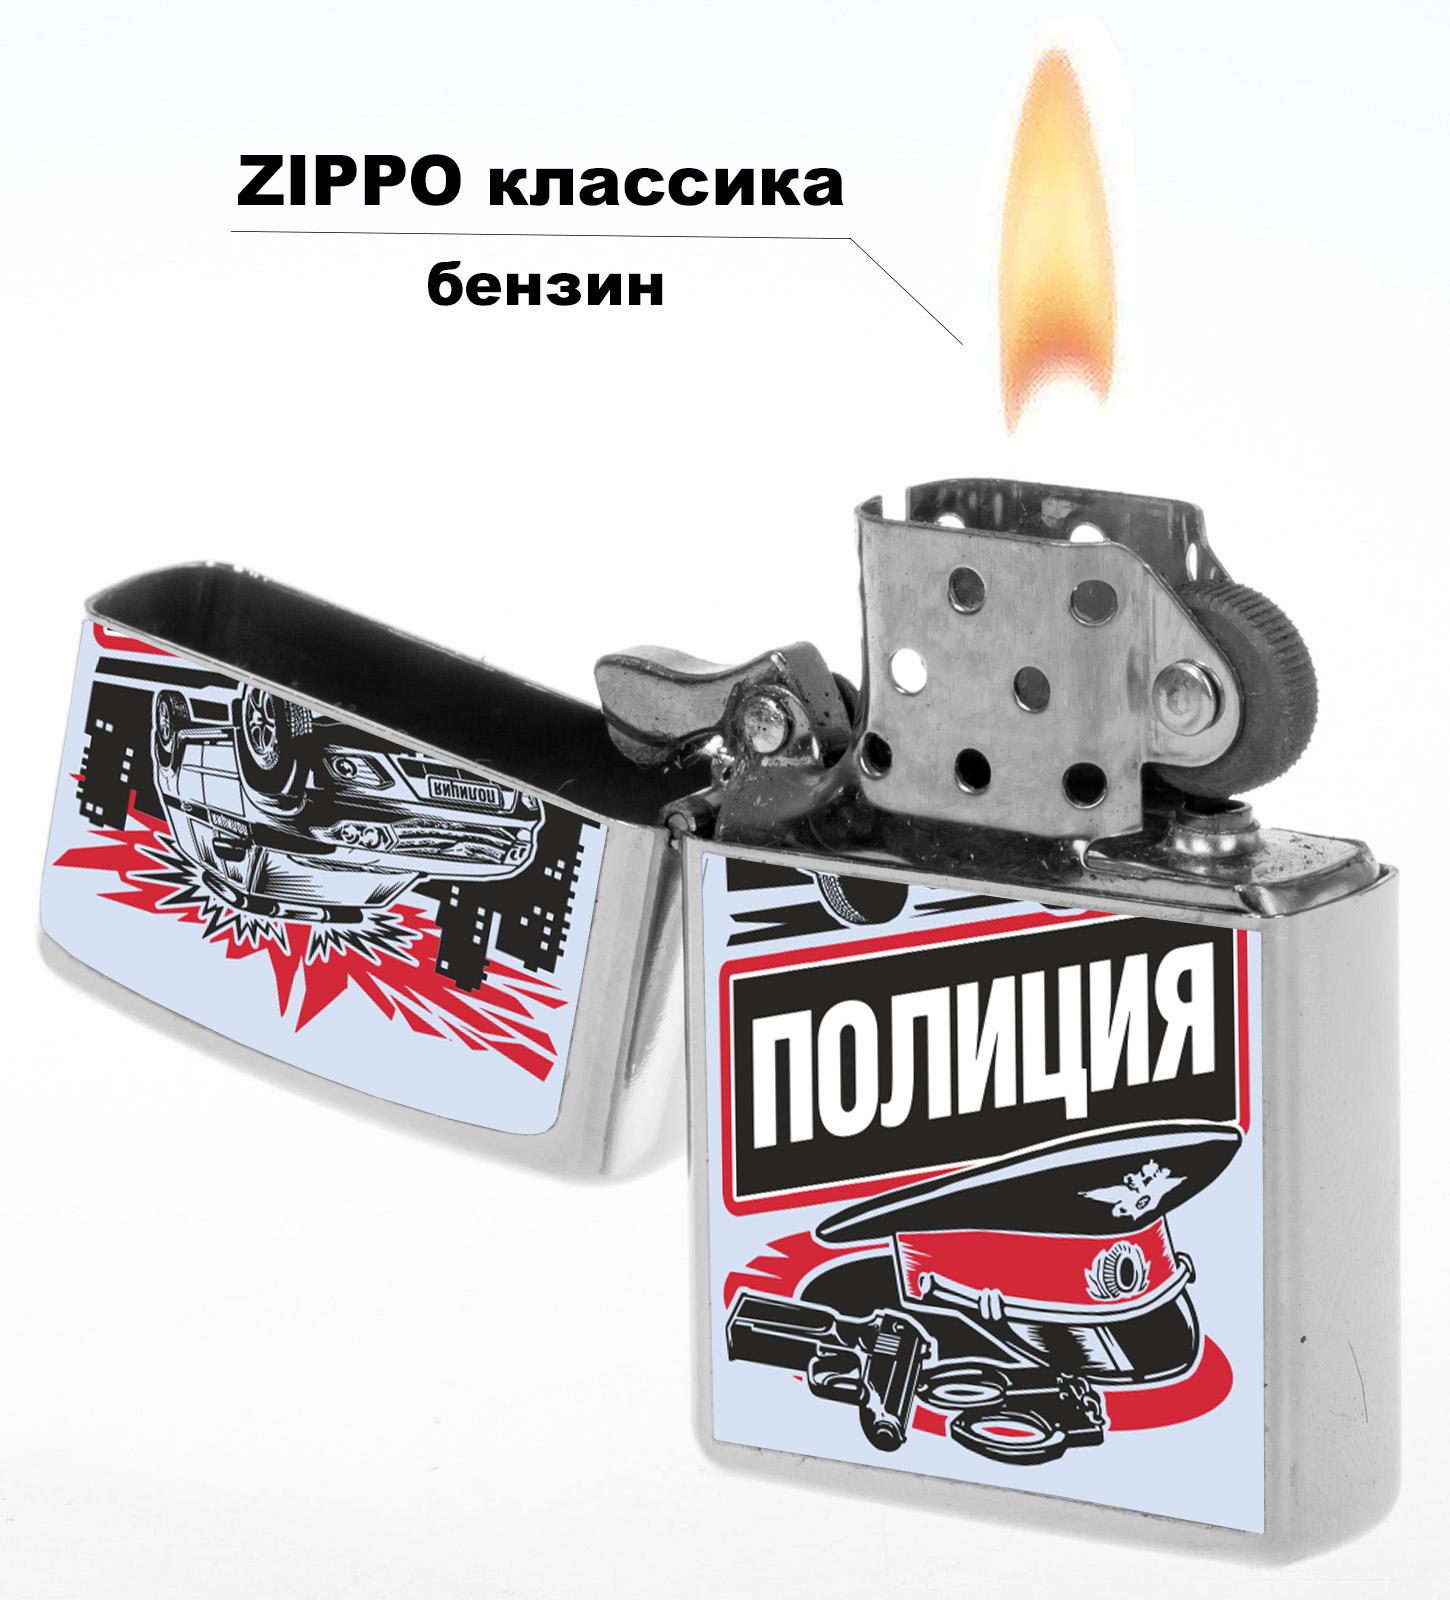 """Надёжная бензиновая зажигалка """"Полиция""""  купить в розницу"""